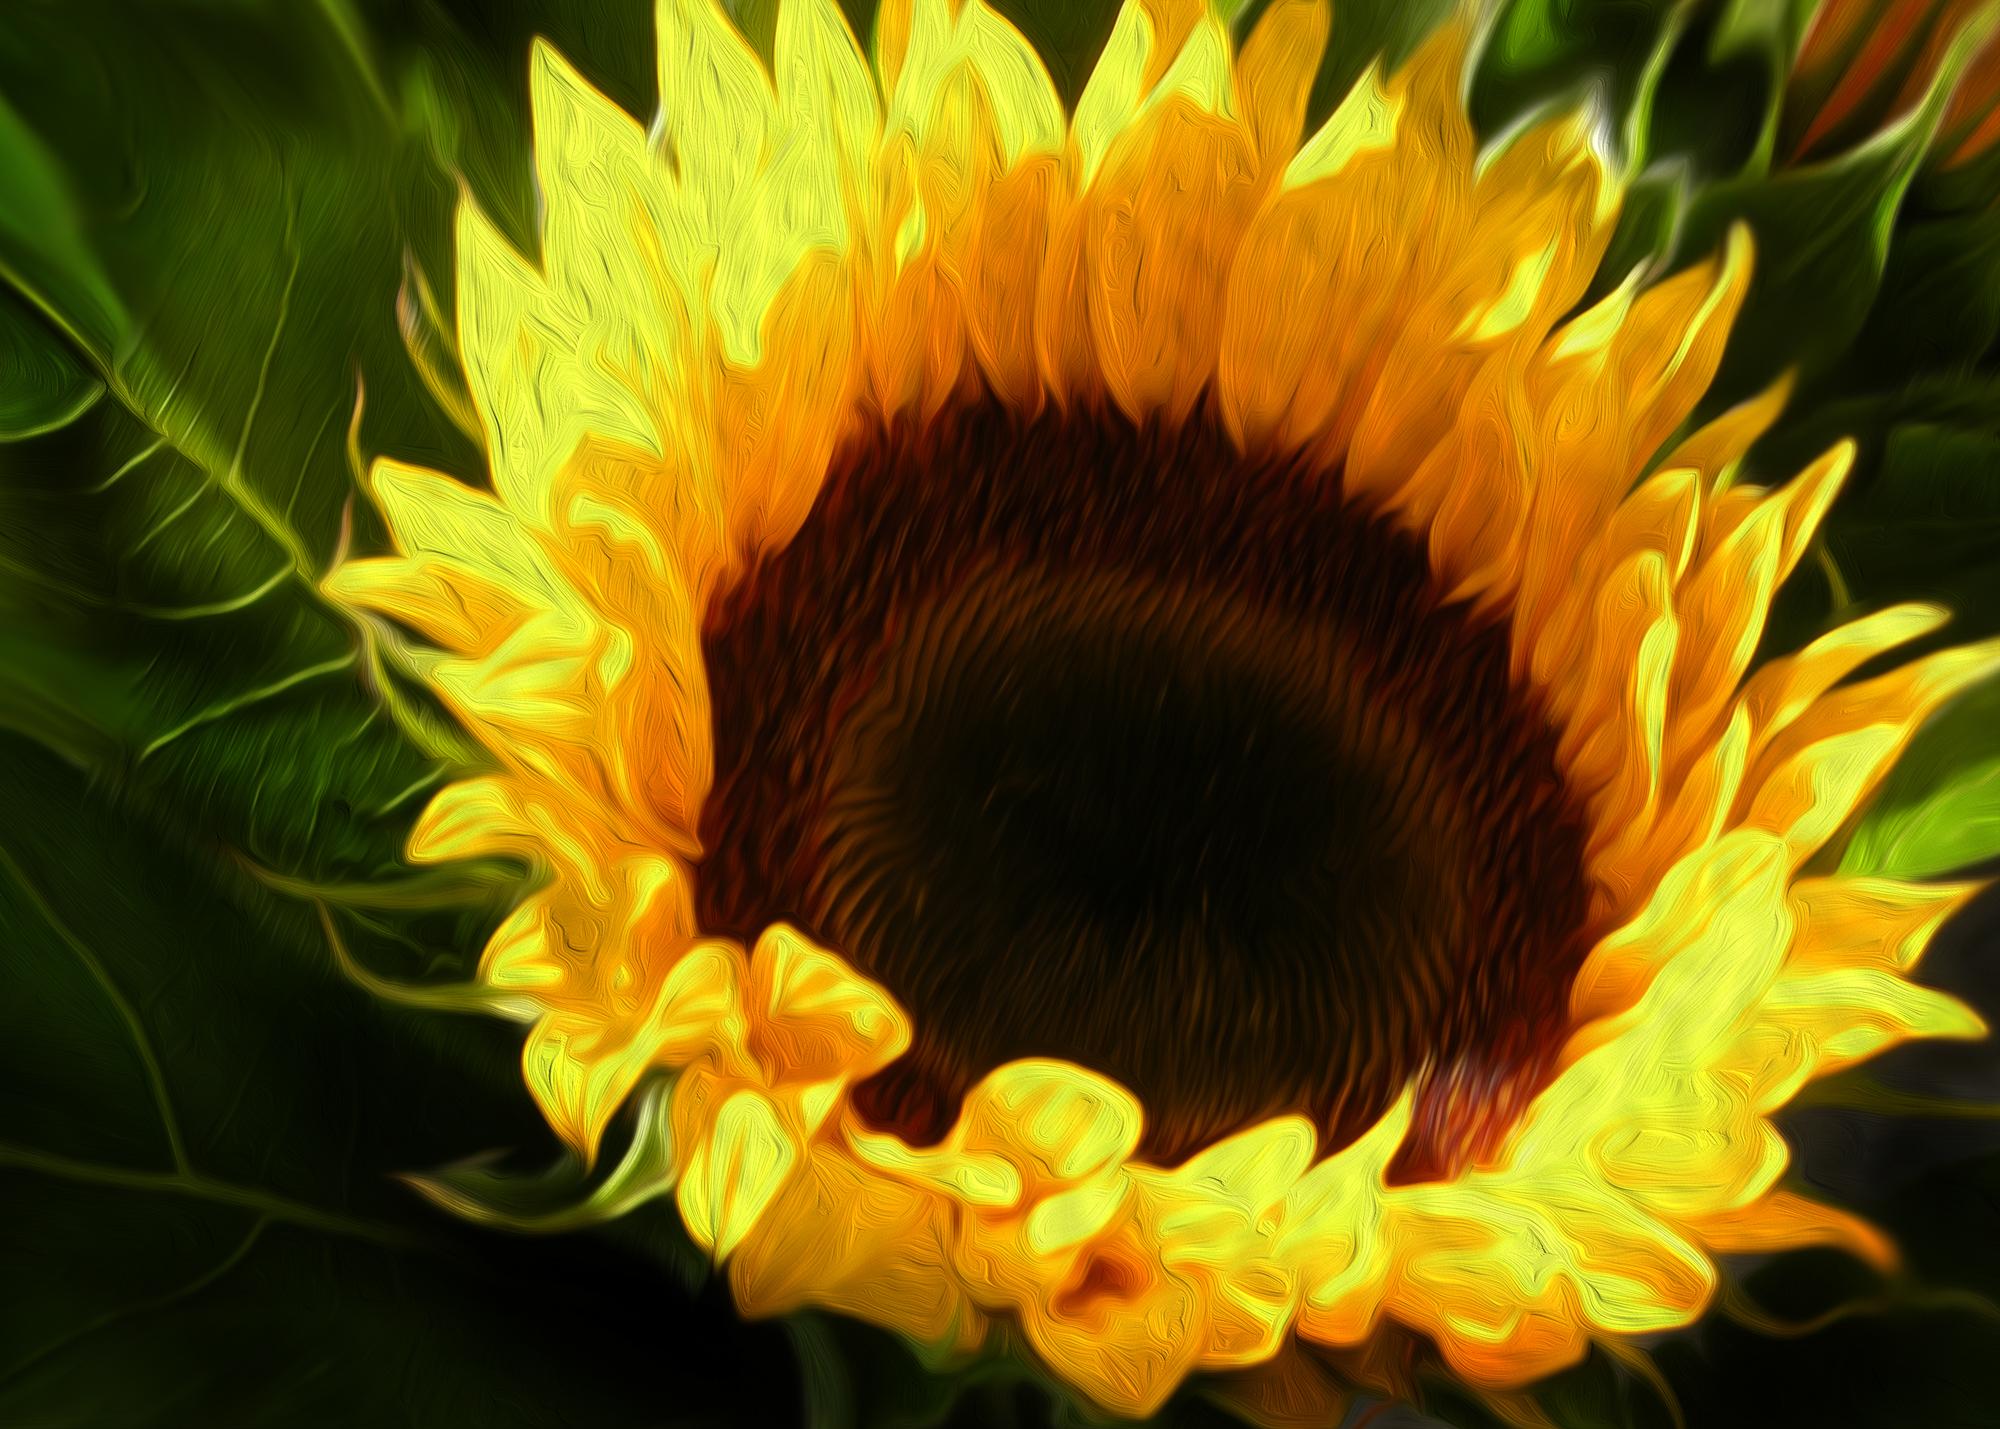 il_fiore_del_sole-v2